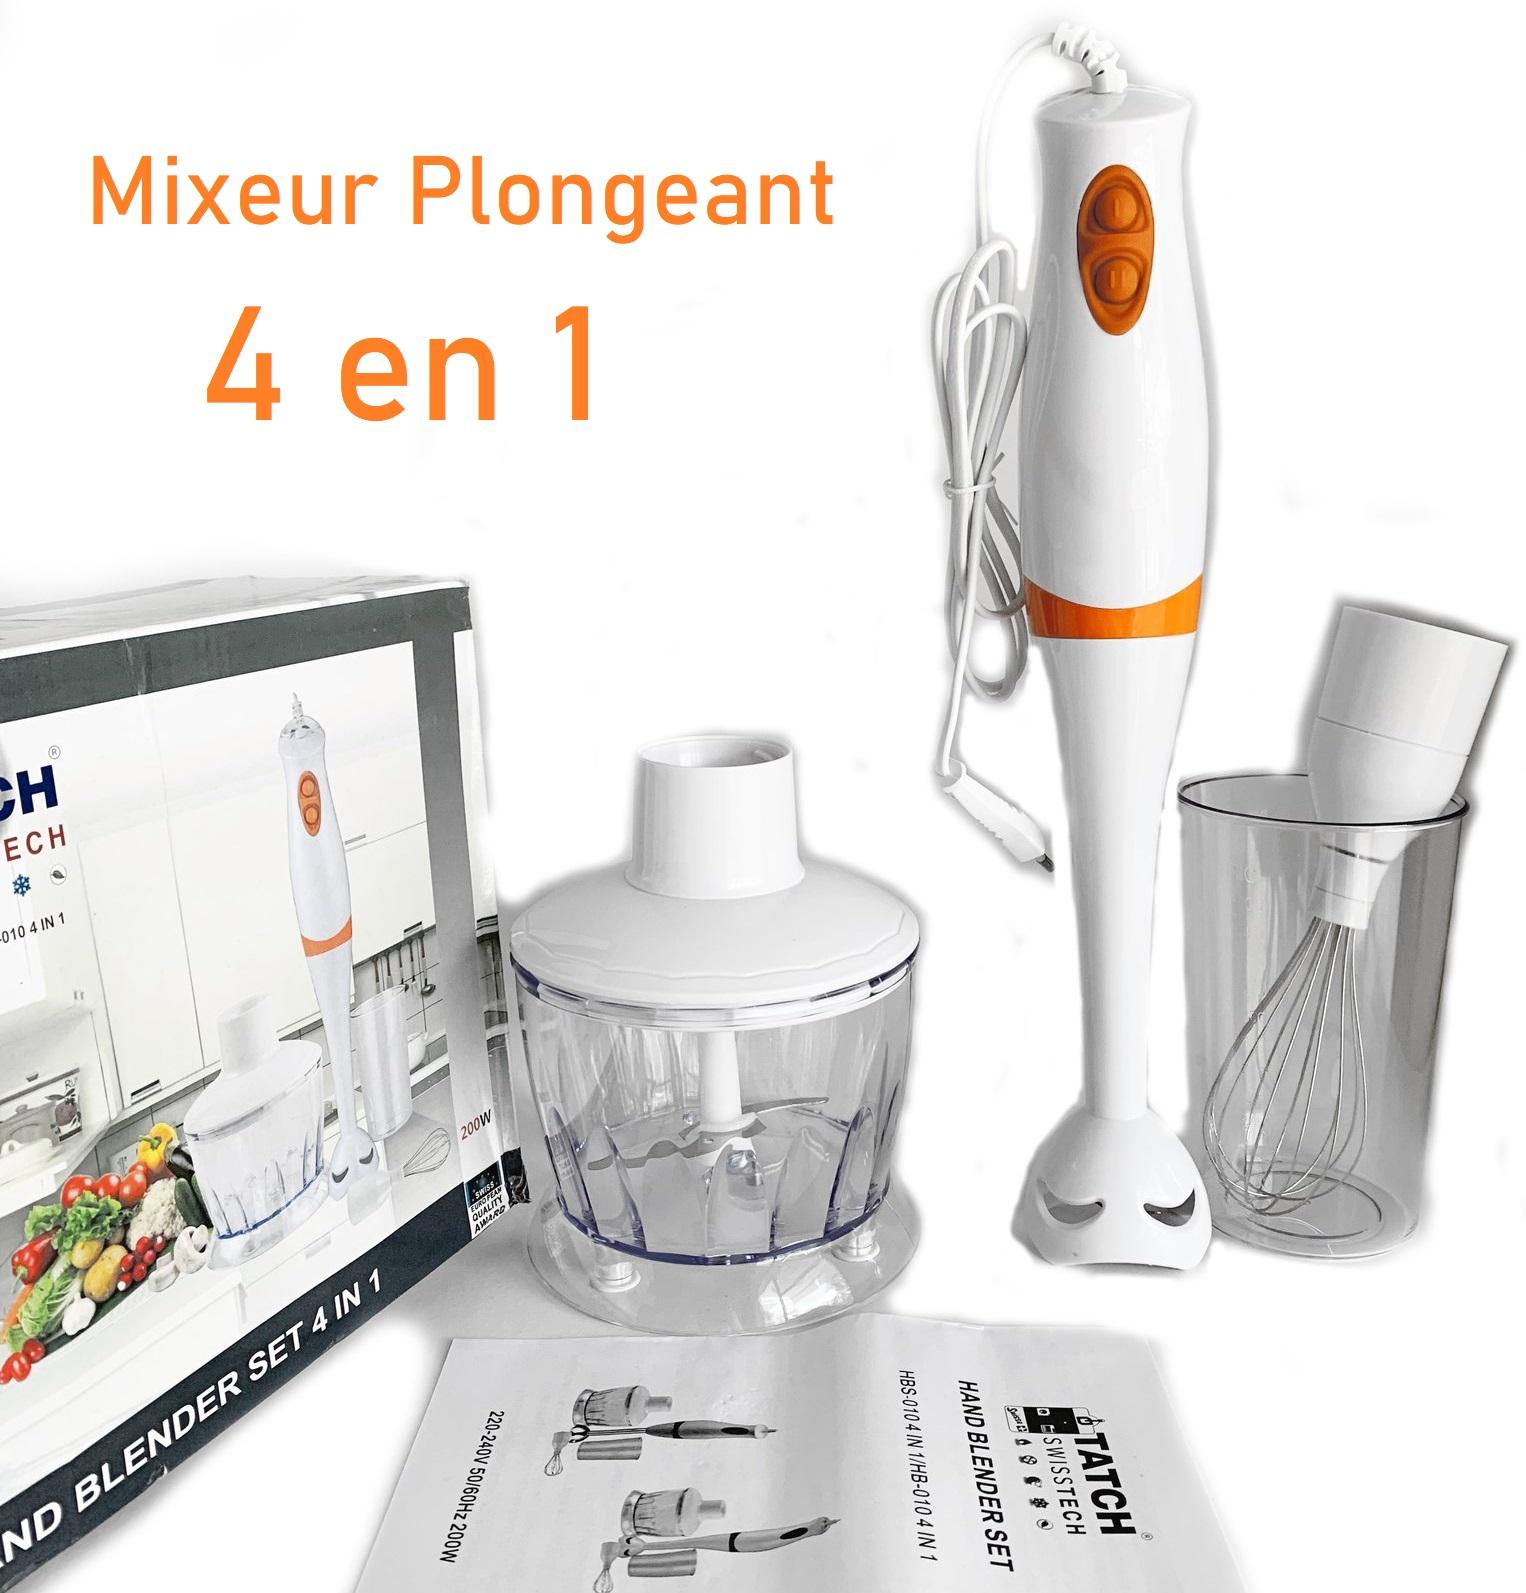 Mixeur Plongeant Maroc